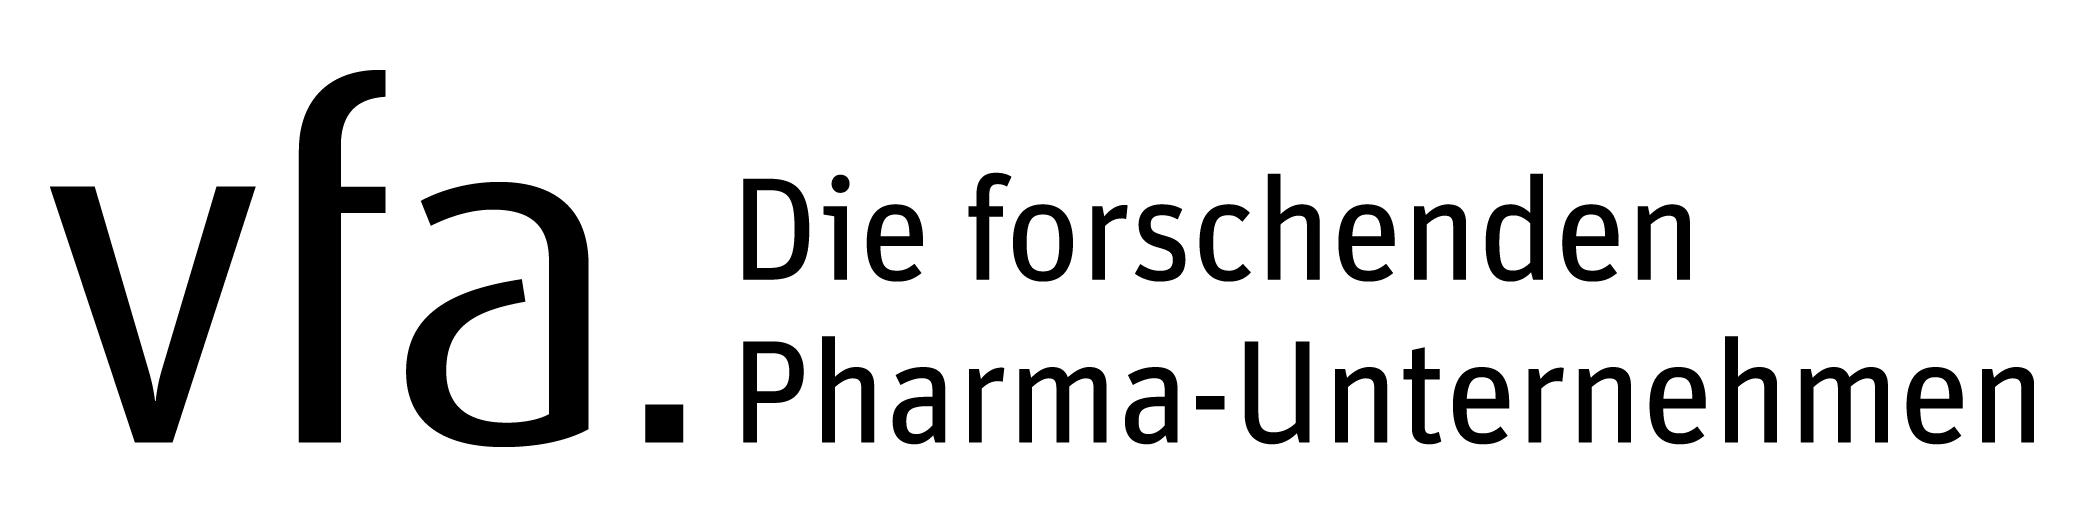 Verband Forschender Arzneimittelhersteller e. V. (vfa)